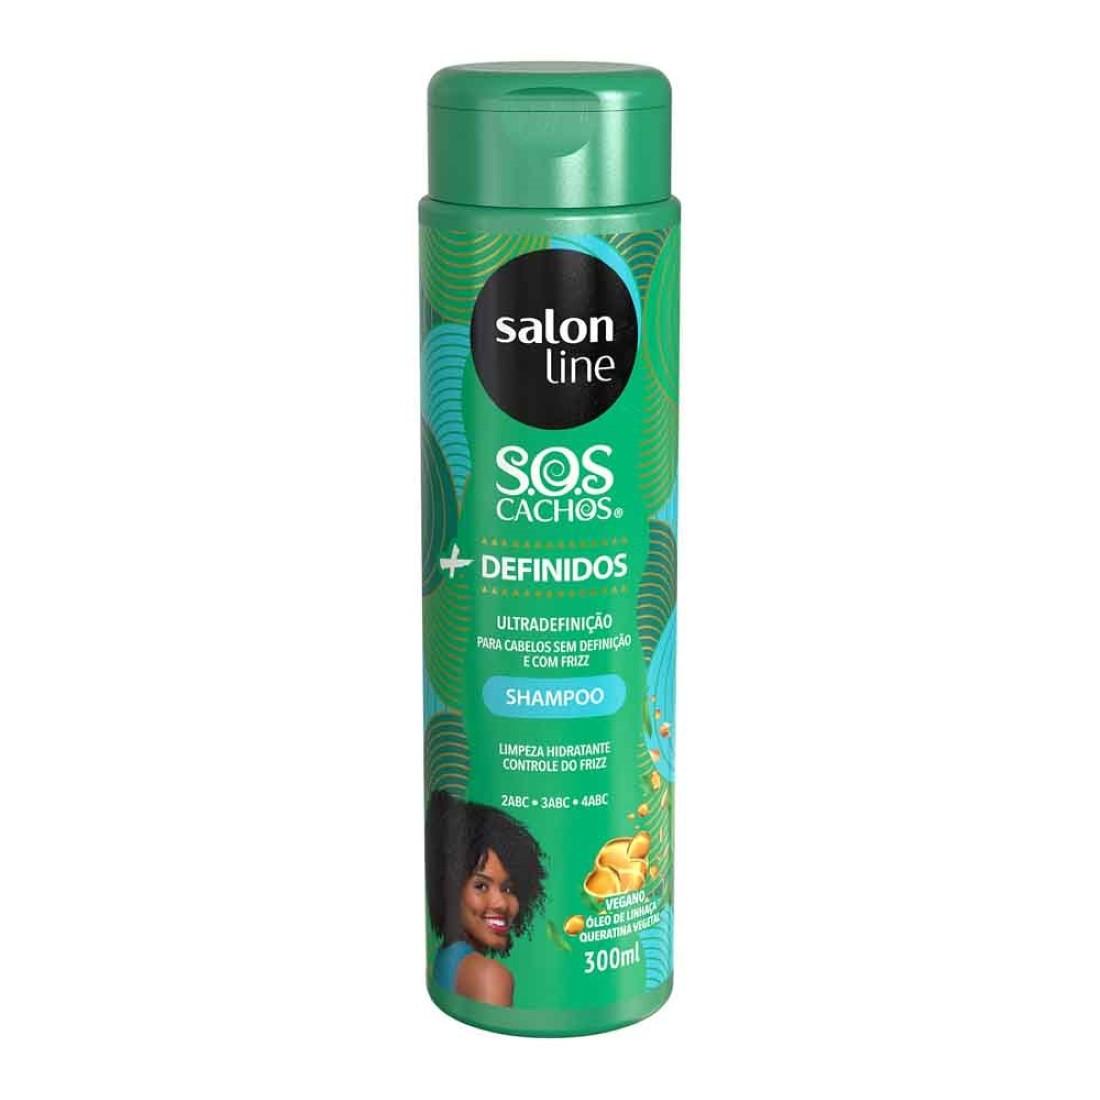 Shampoo + Definidos S.O.S Cachos 300ml - Salon Line